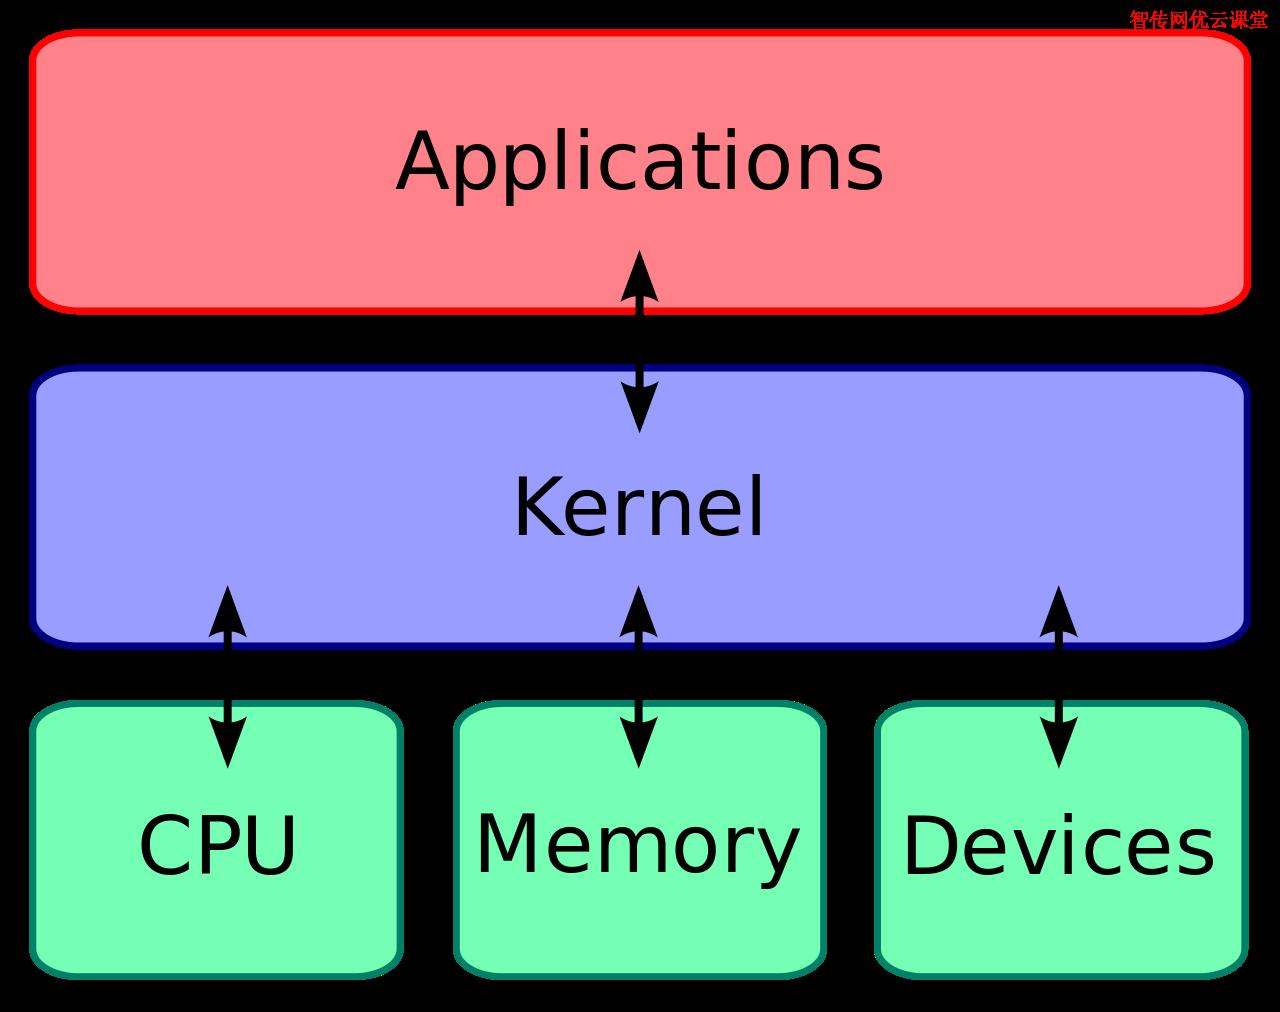 怎么查看Linux内核版本